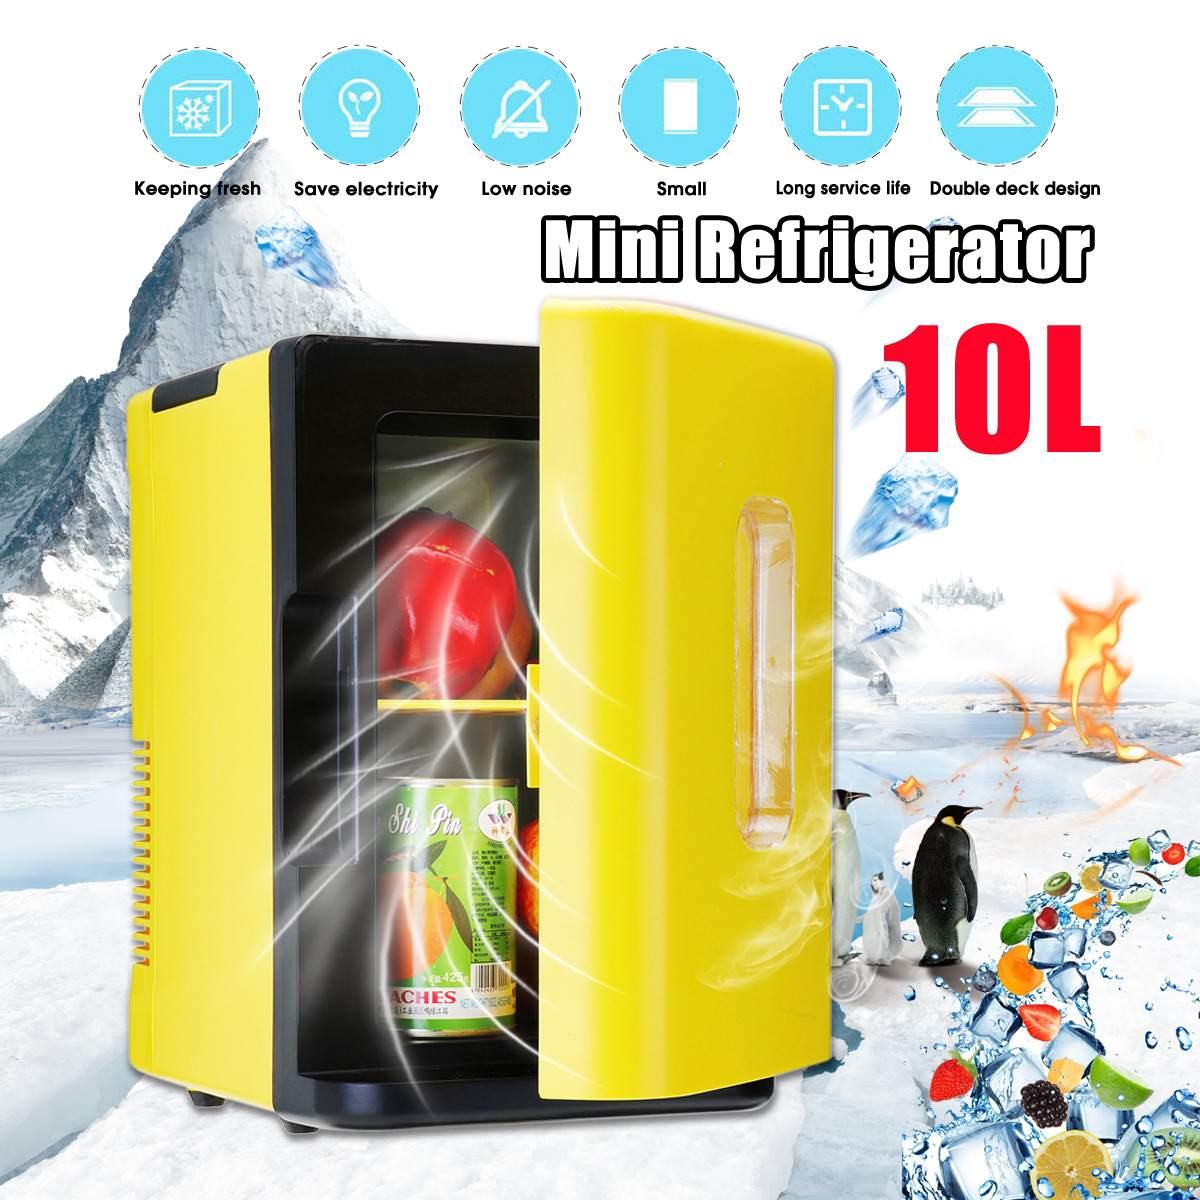 Electric Car Refrigerator 10L Dormitory Small Refrigerator Multi-Purpose Mini Refrigerator Car Home Dual-Use 220V